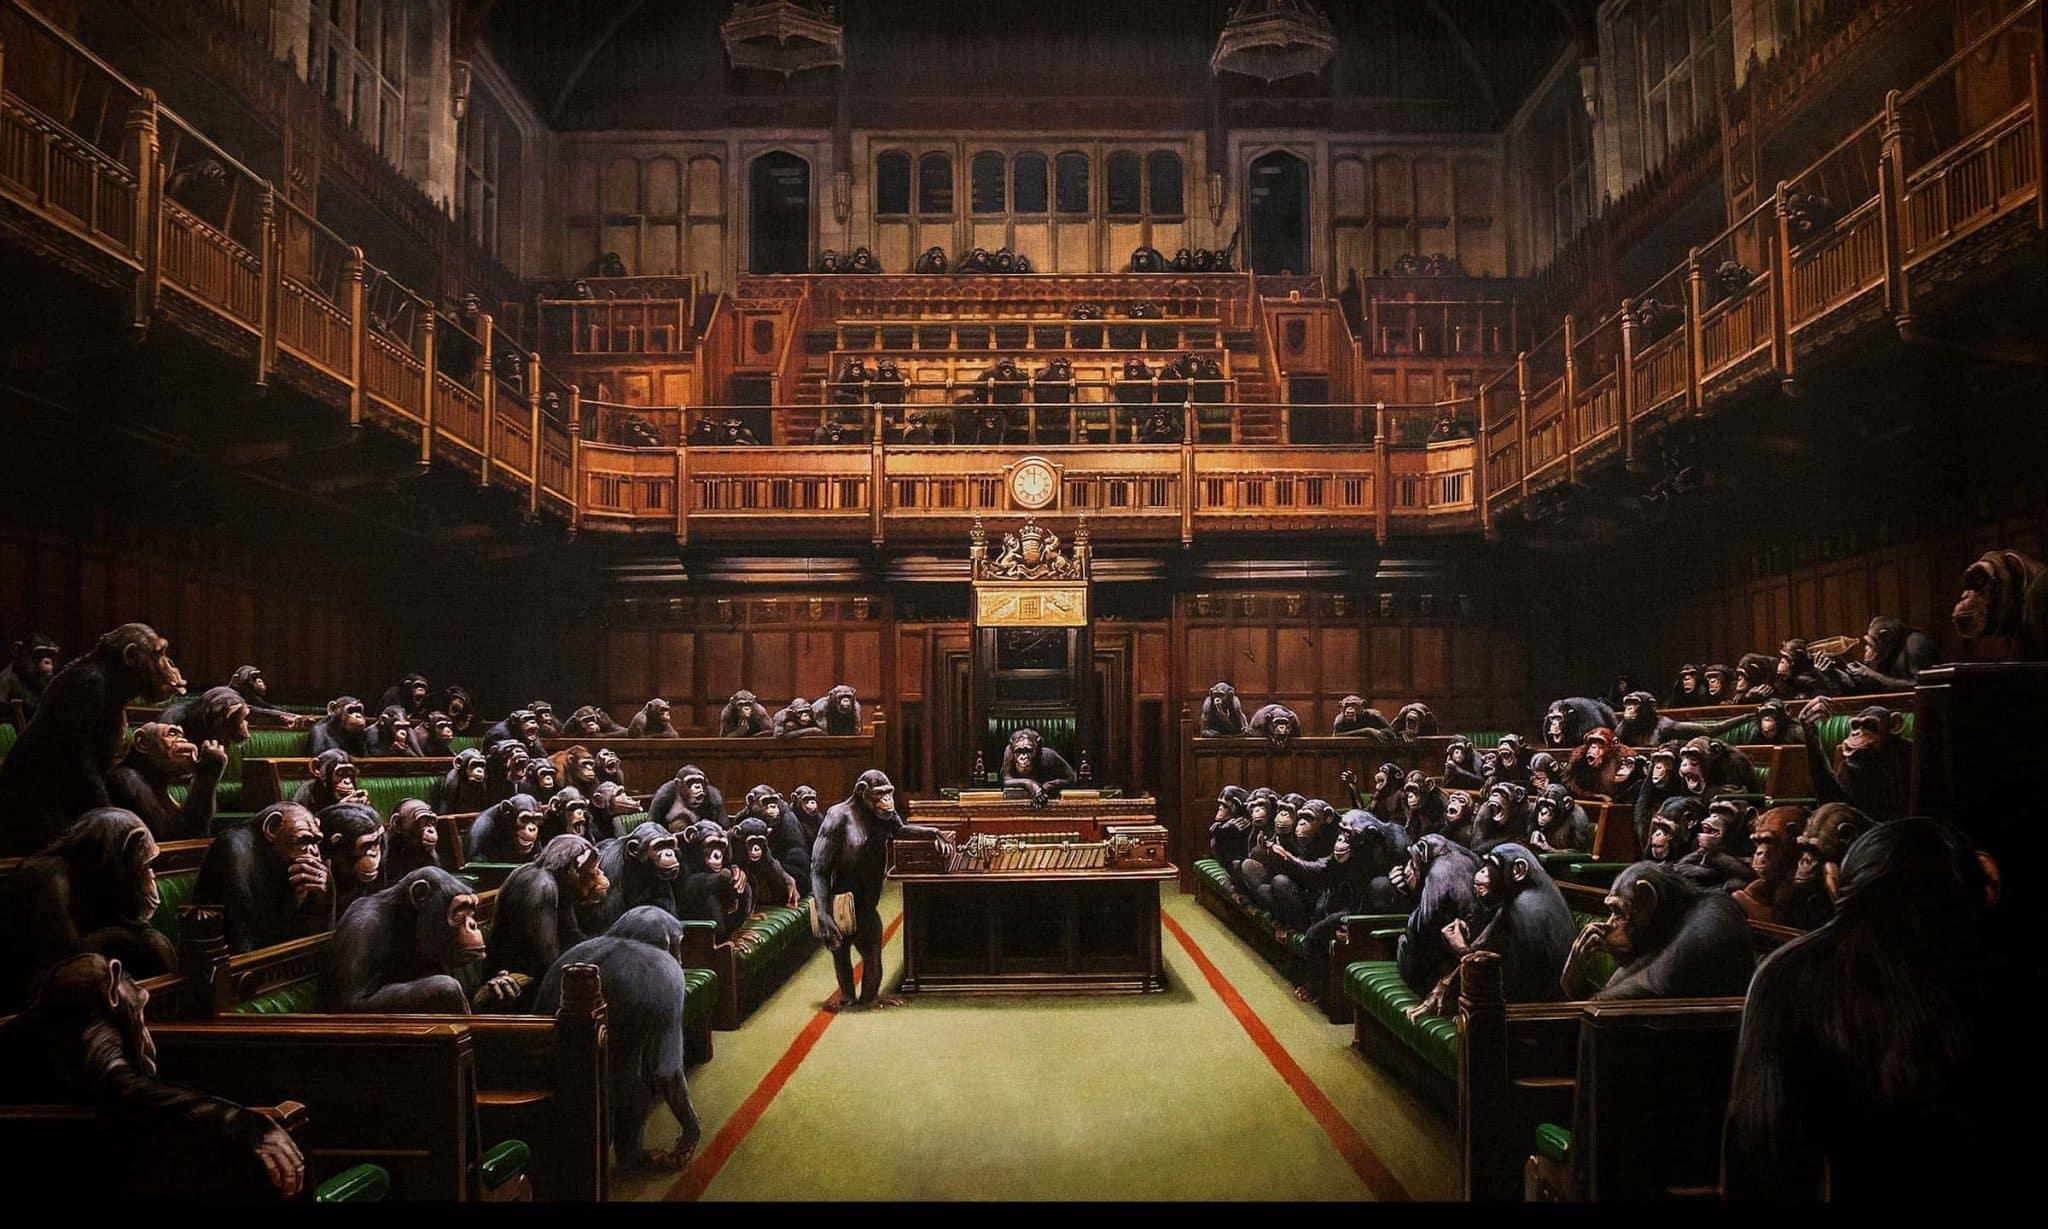 cuadro de Monos en el parlamento ingles de banksy